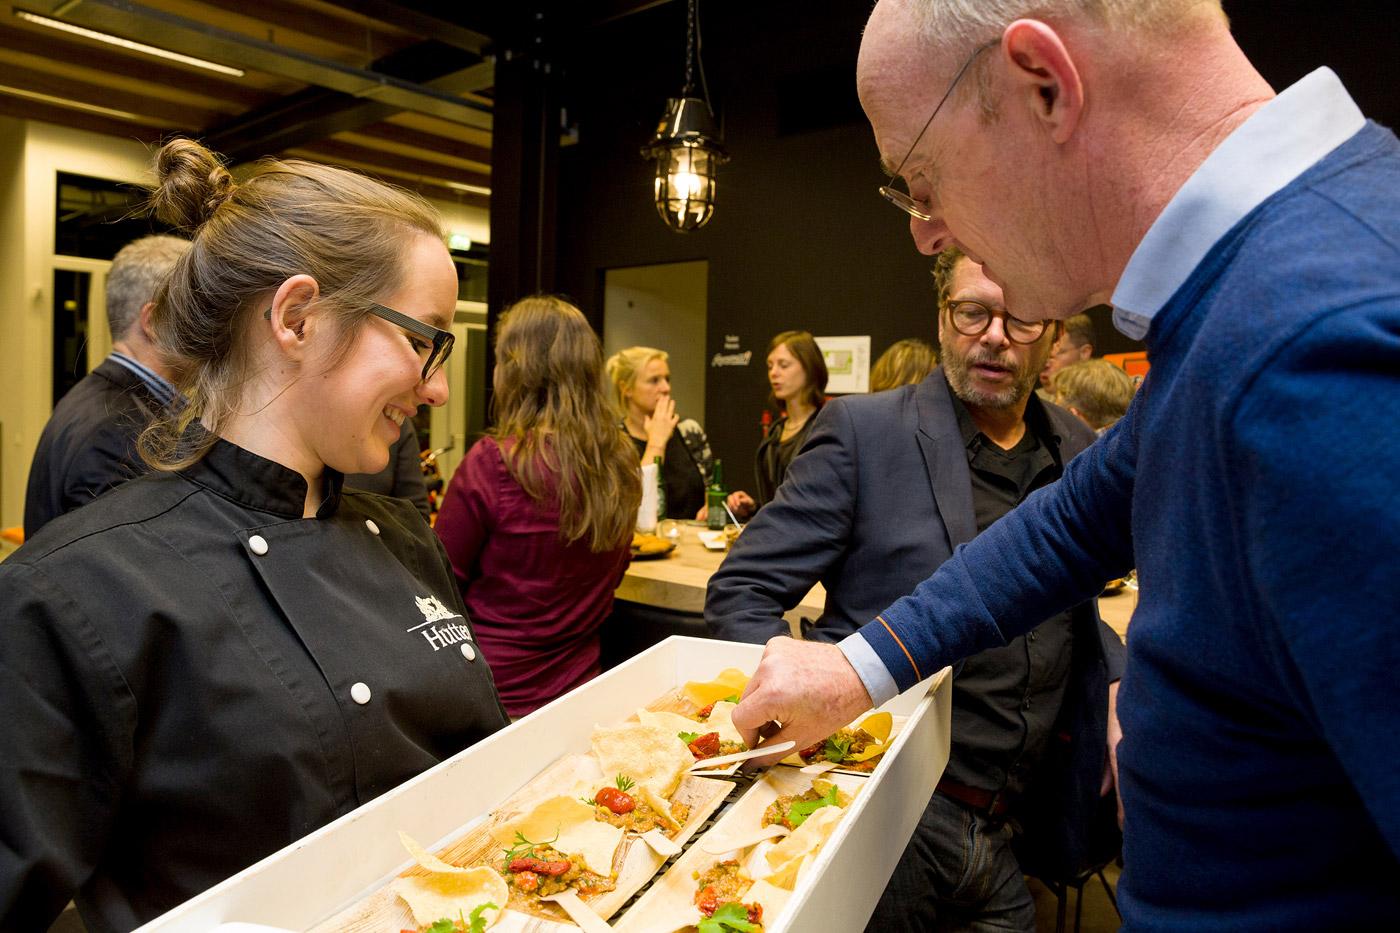 jacklinks-bifi-peperami-amsterdam-feest-receptie-hoofdkantoor-opening-hutten-food